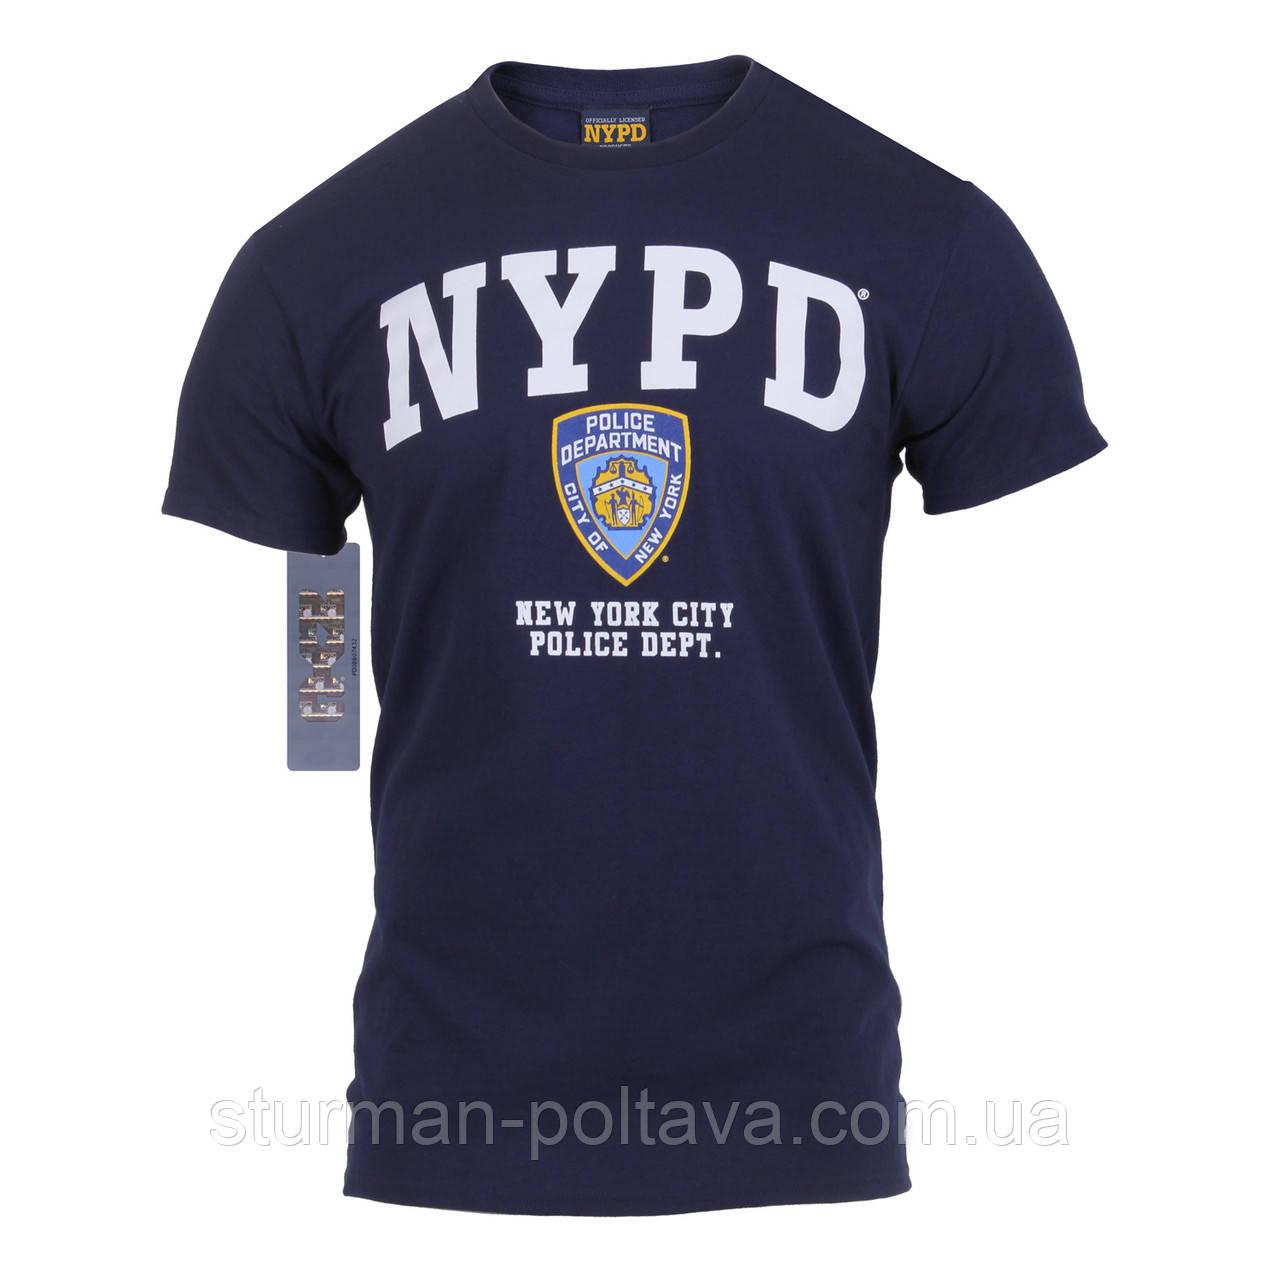 be83e83f6acc9 Футболка полиции